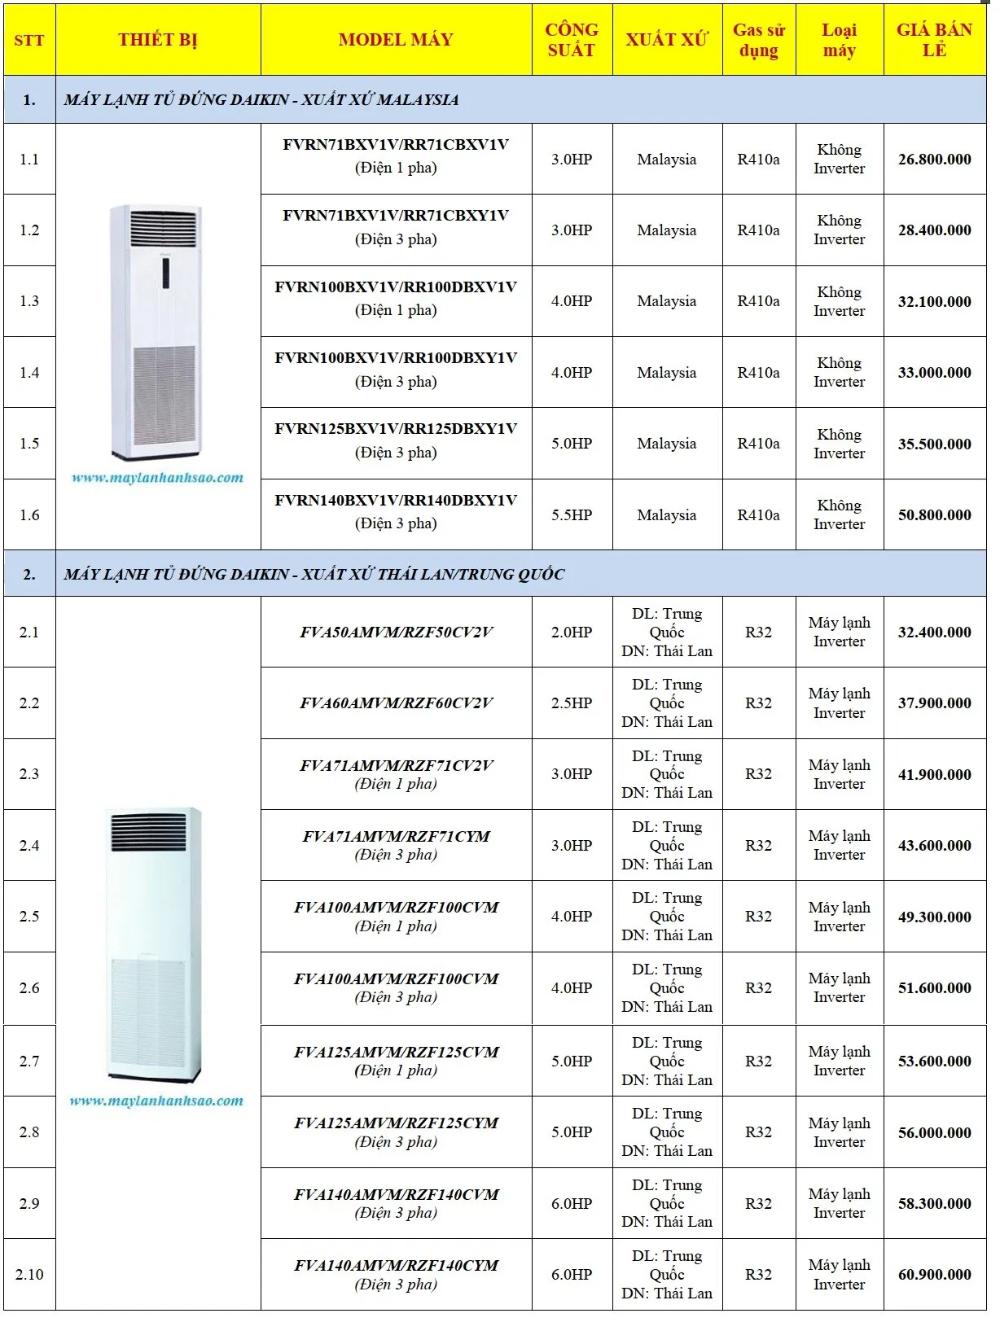 Đại lý cung cấp & lắp đặt máy lạnh tủ đứng Daikin giá rẻ - Giao hàng & lắp đặt tại TPHCM và các tỉnh lân cận Hotline tư vấn miễn phí: 0909 588 116 Ms HIền